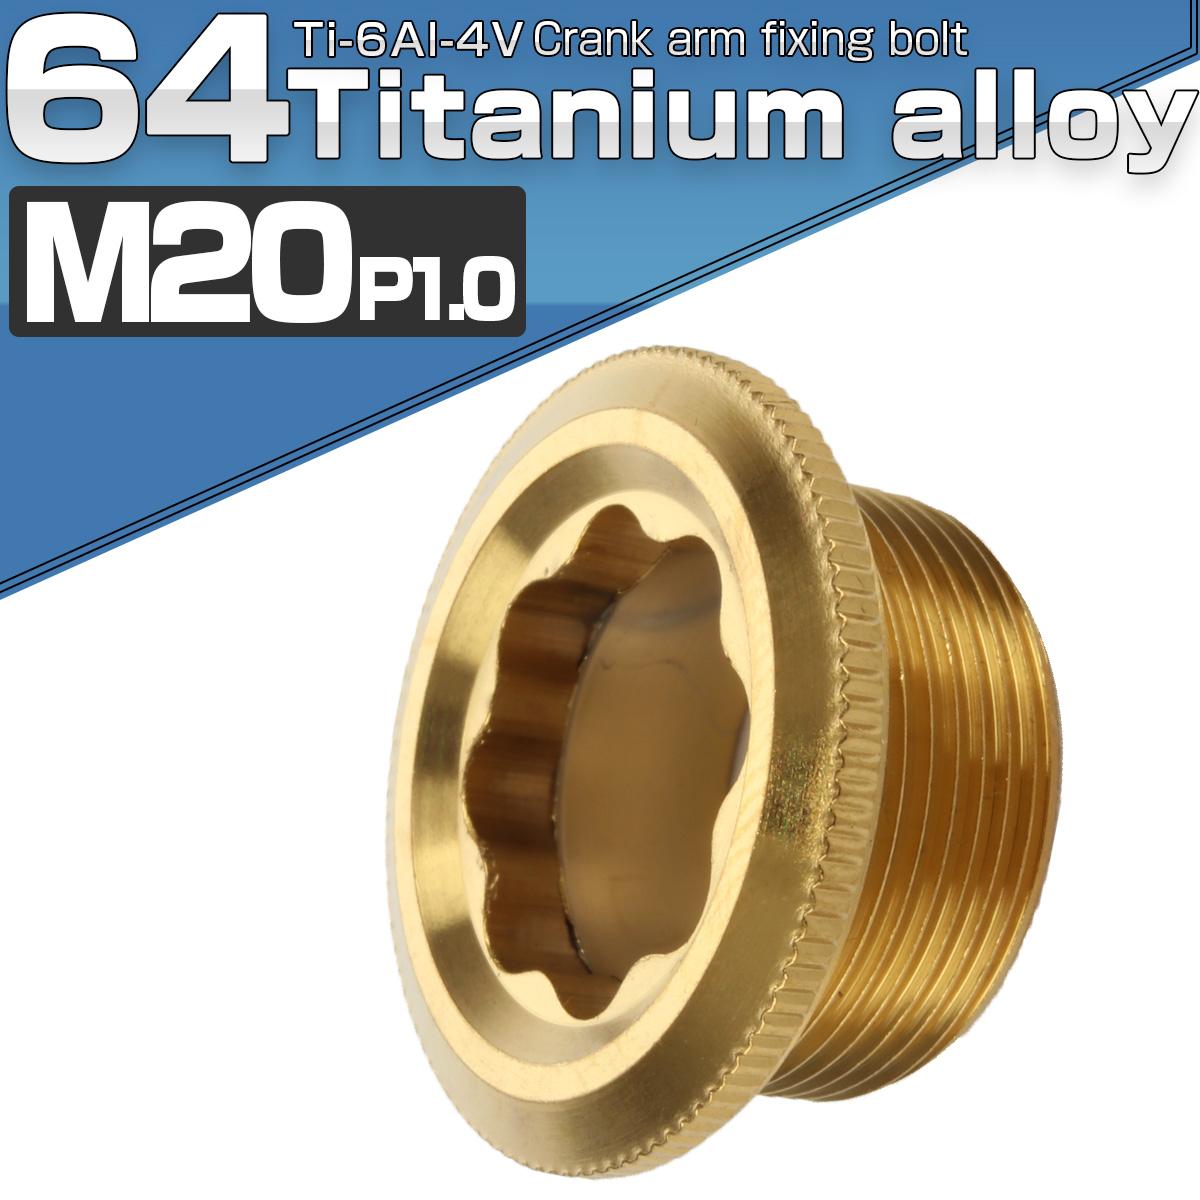 64チタン製 クランクアーム 固定ボルト 取り付けボルト M20×8mm P1.0 ゴールド 自転車 JA499